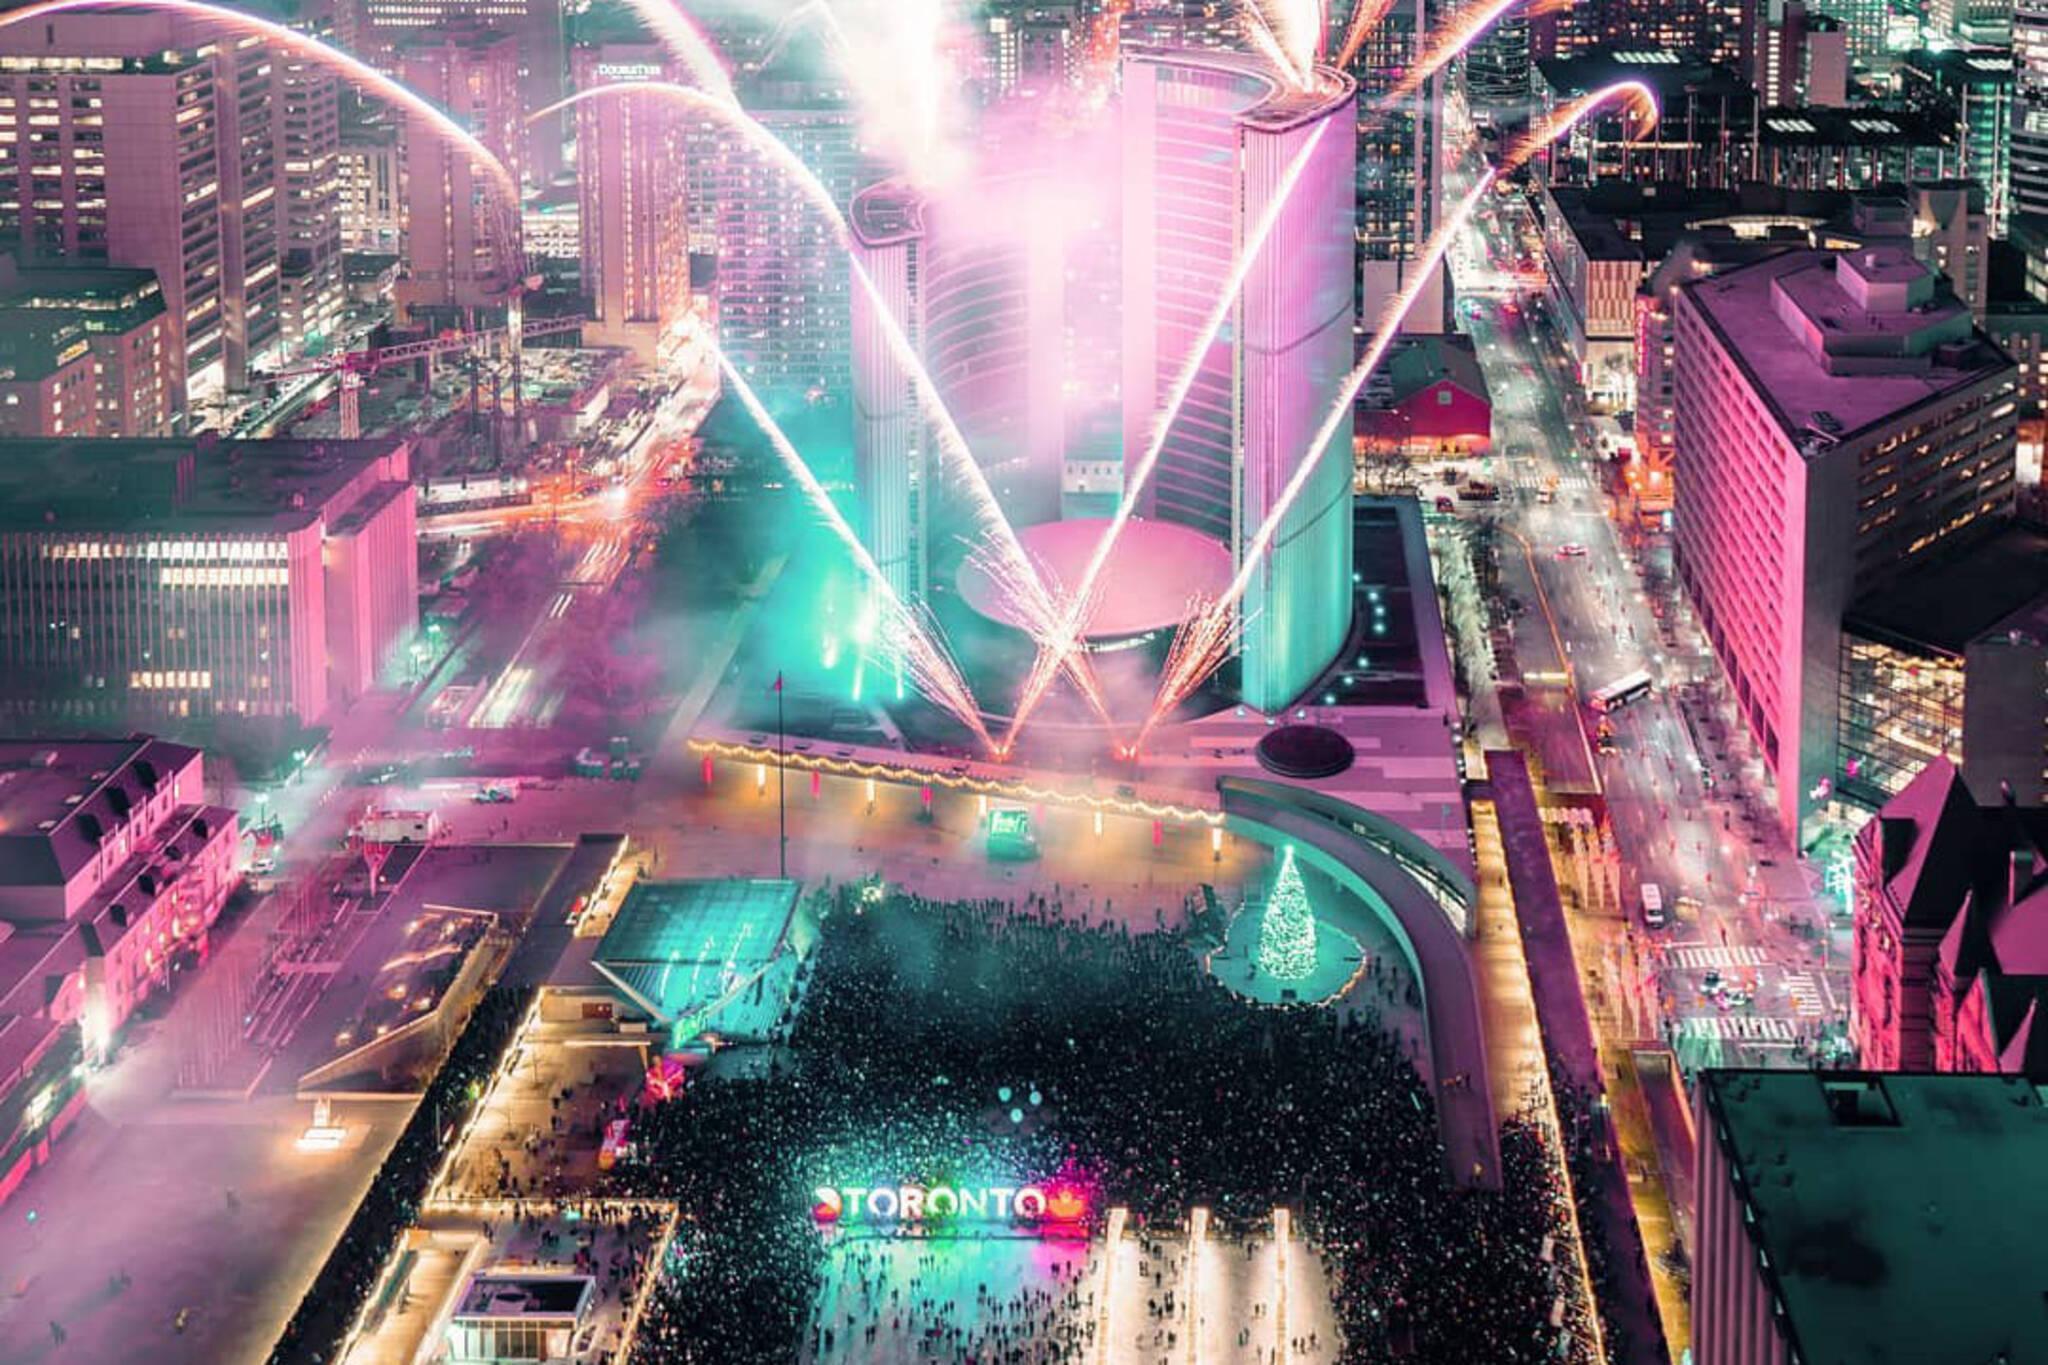 New Years Road Closure Toronto